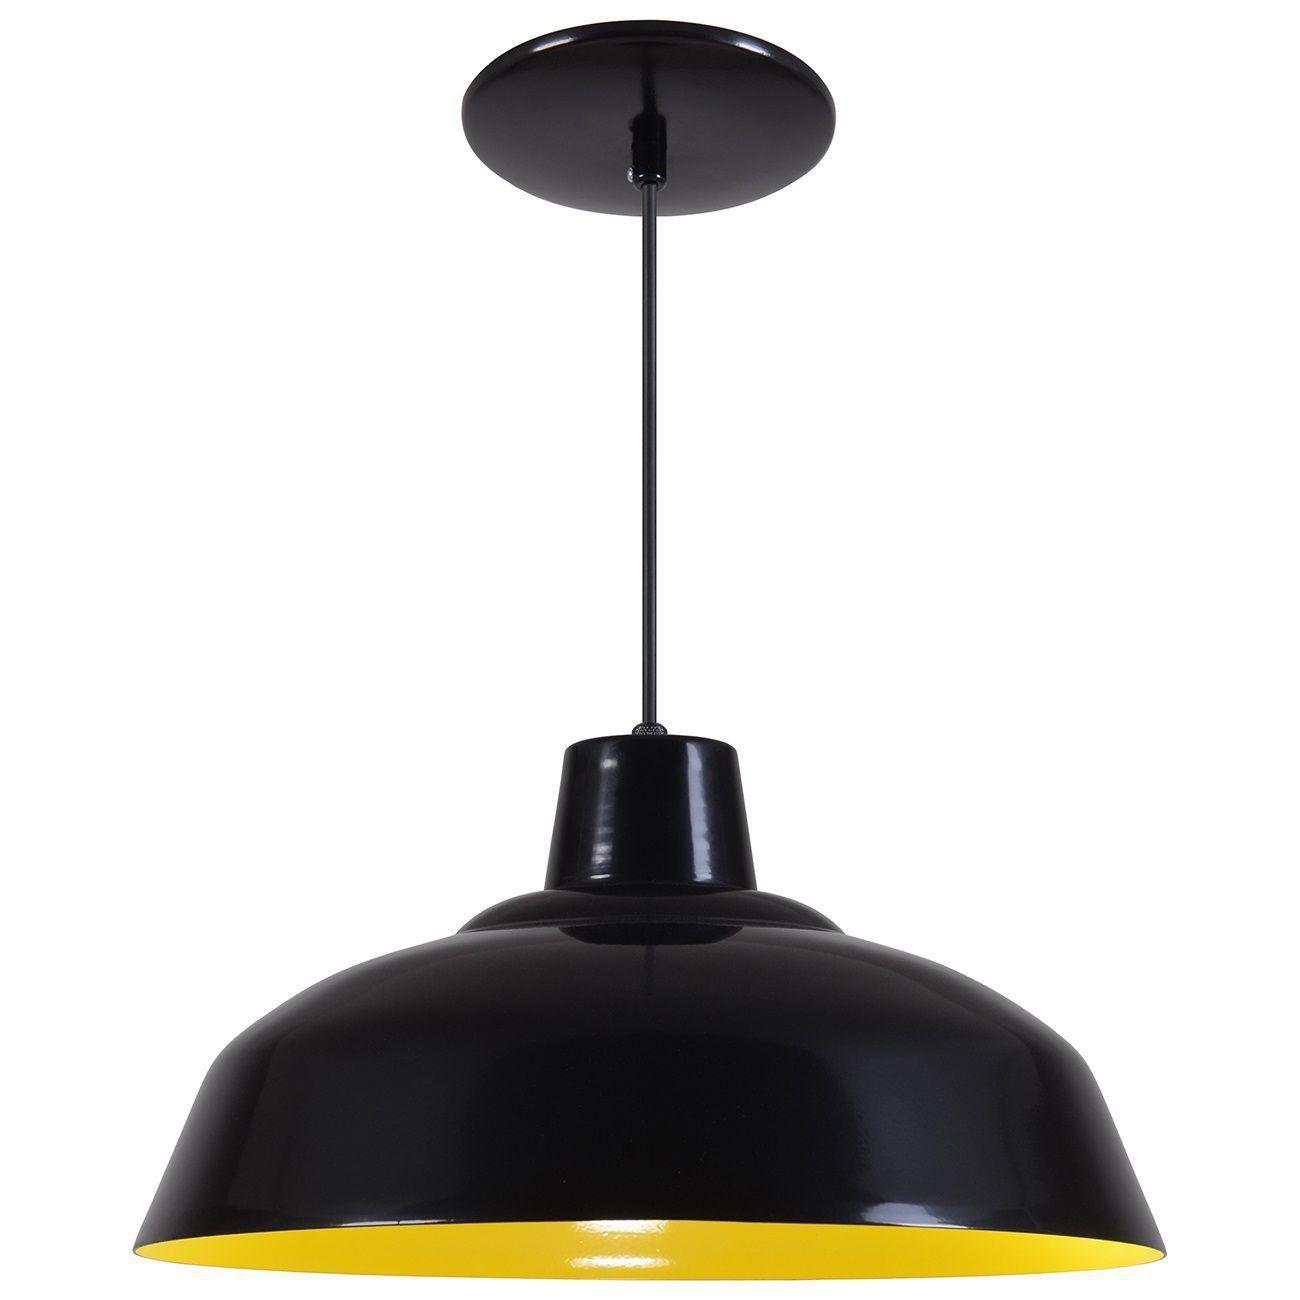 Pendente Retrô 34cm Luminária Lustre Alumínio Preto Fosco C/ Amarelo - Rei Da Iluminação